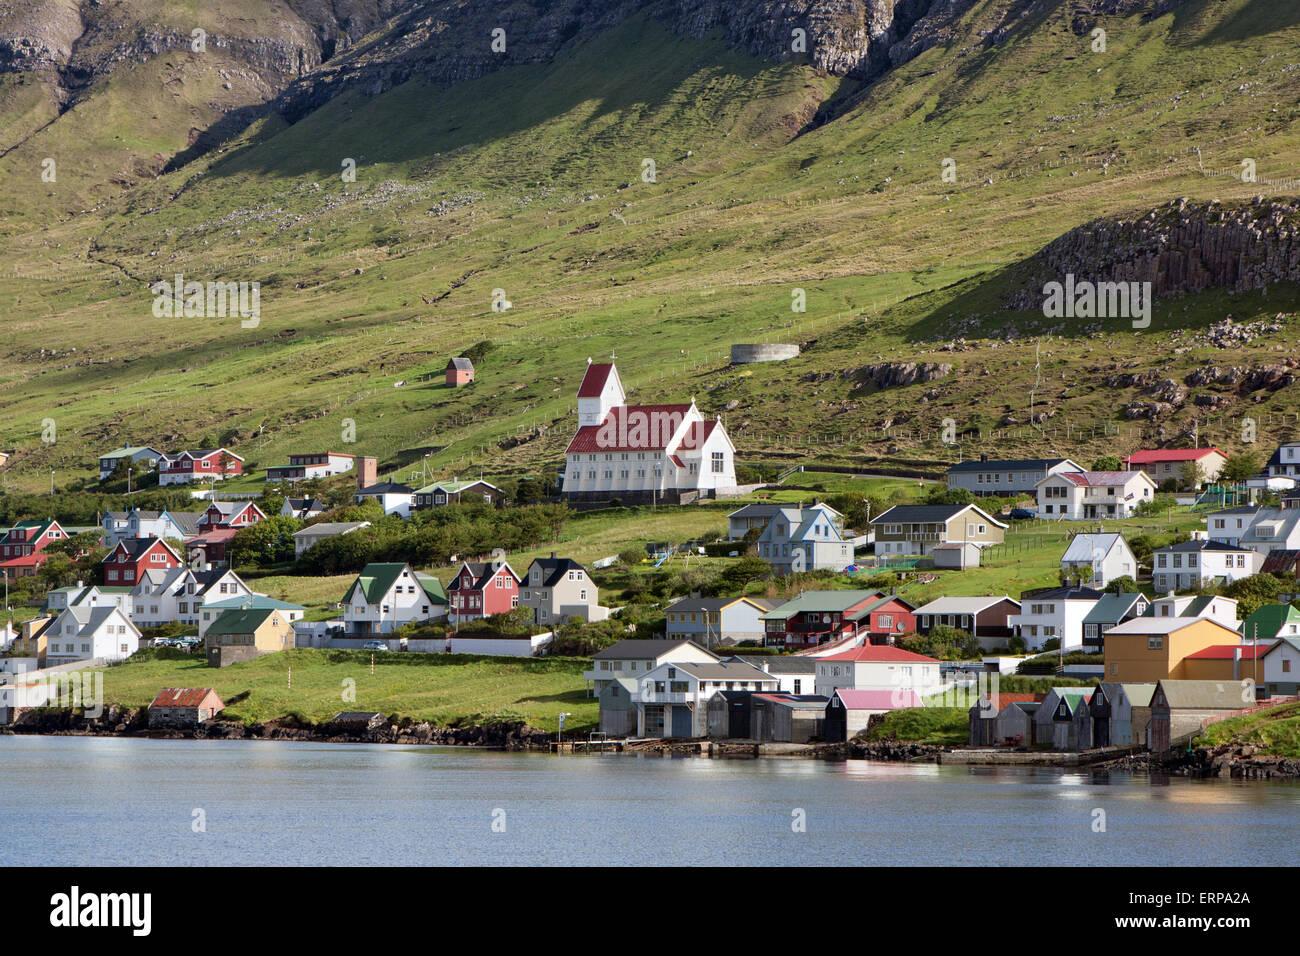 Tvoroyri, ville pittoresque sur la mer dans l'extrême sud des îles Féroé Photo Stock